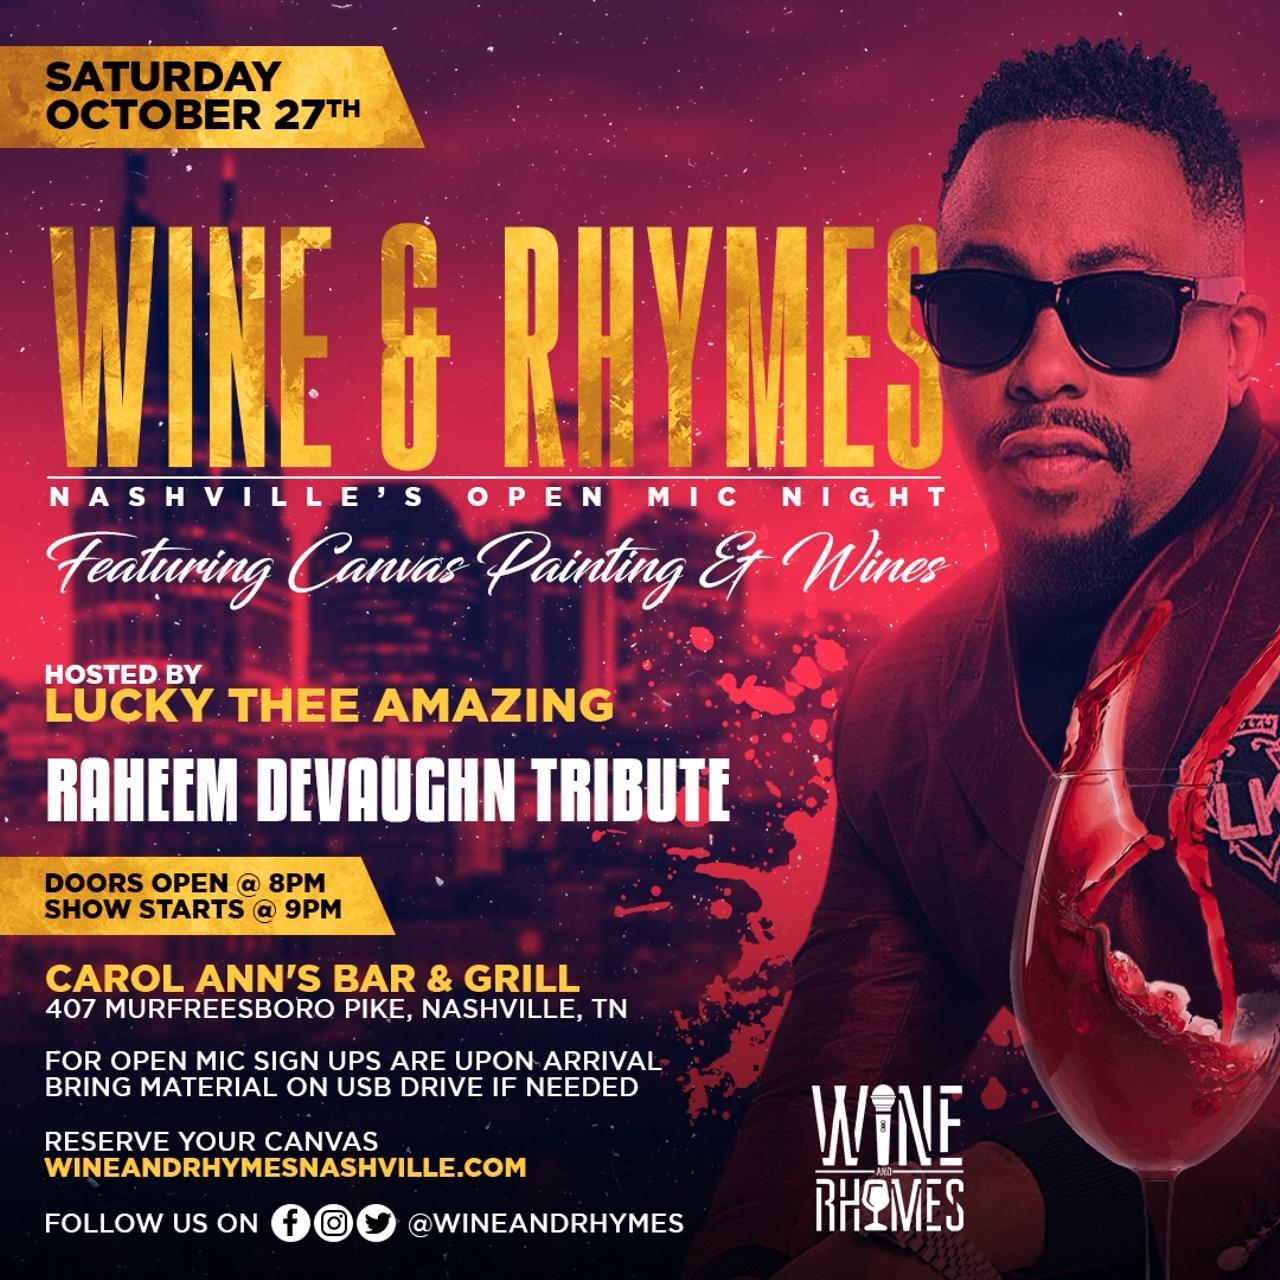 WINE-&-RHYMES-Nashville's-Open-Mic-Night.JPG